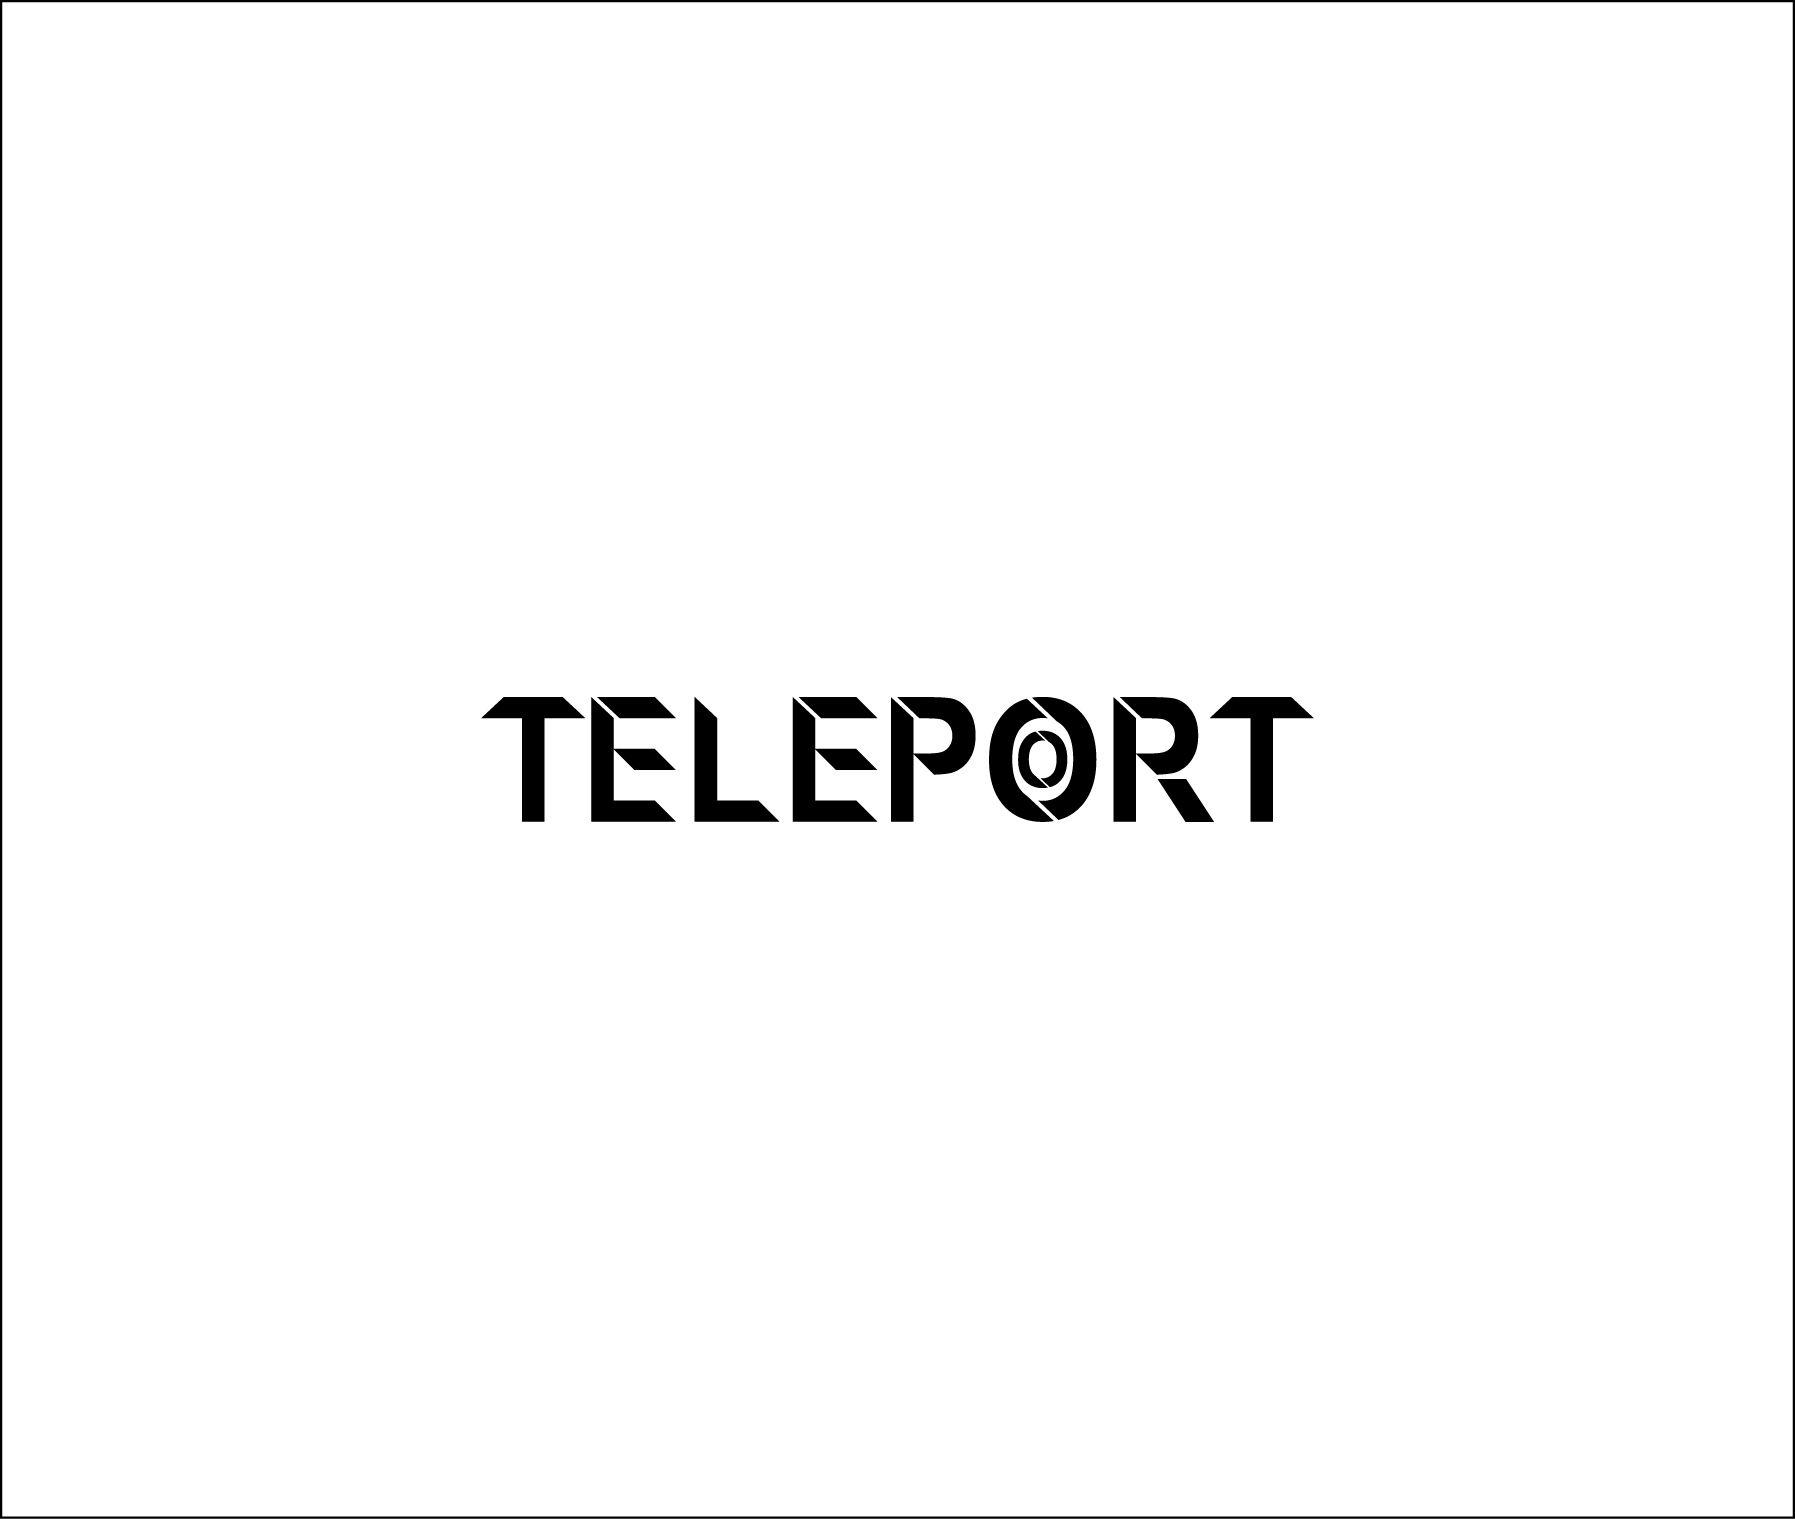 Логотип для Телепорт - дизайнер Maslof13